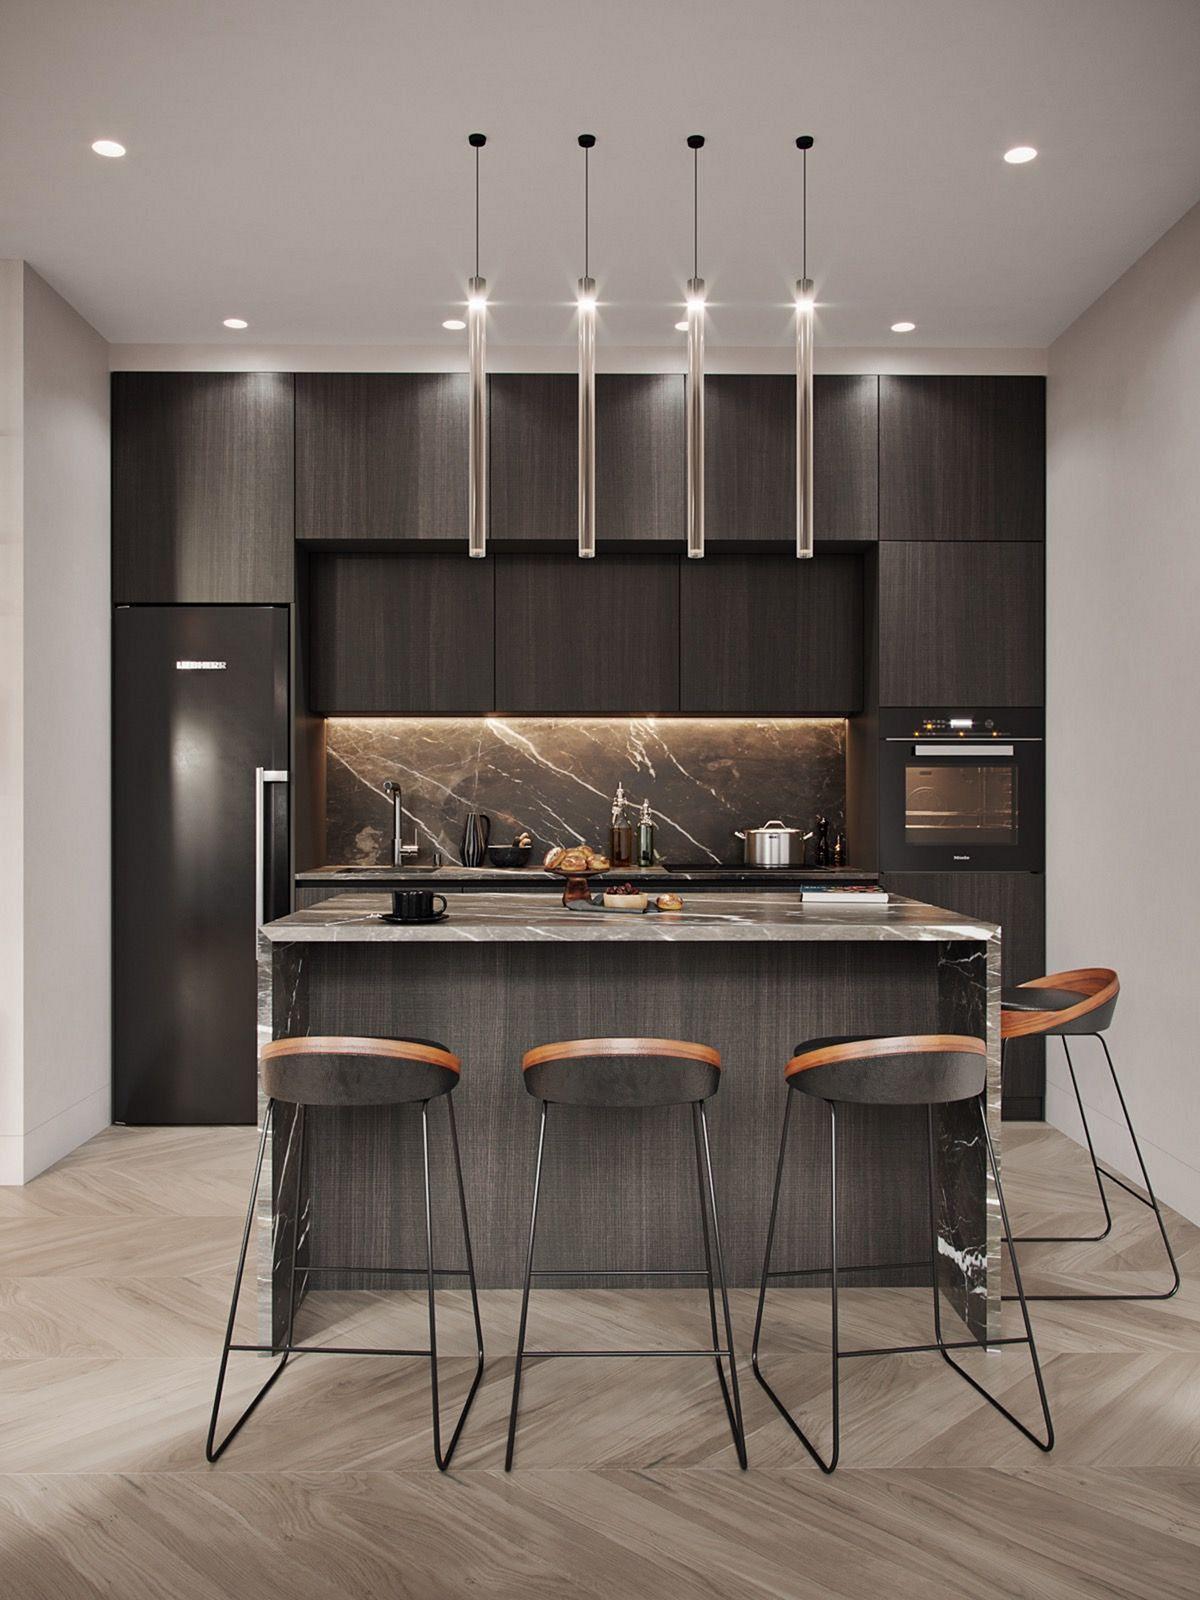 15 Best Amazing Kitchen Lighting Ideas You Have To Try Kitchen Design Interior Design Kitchen Luxury Kitchen Design